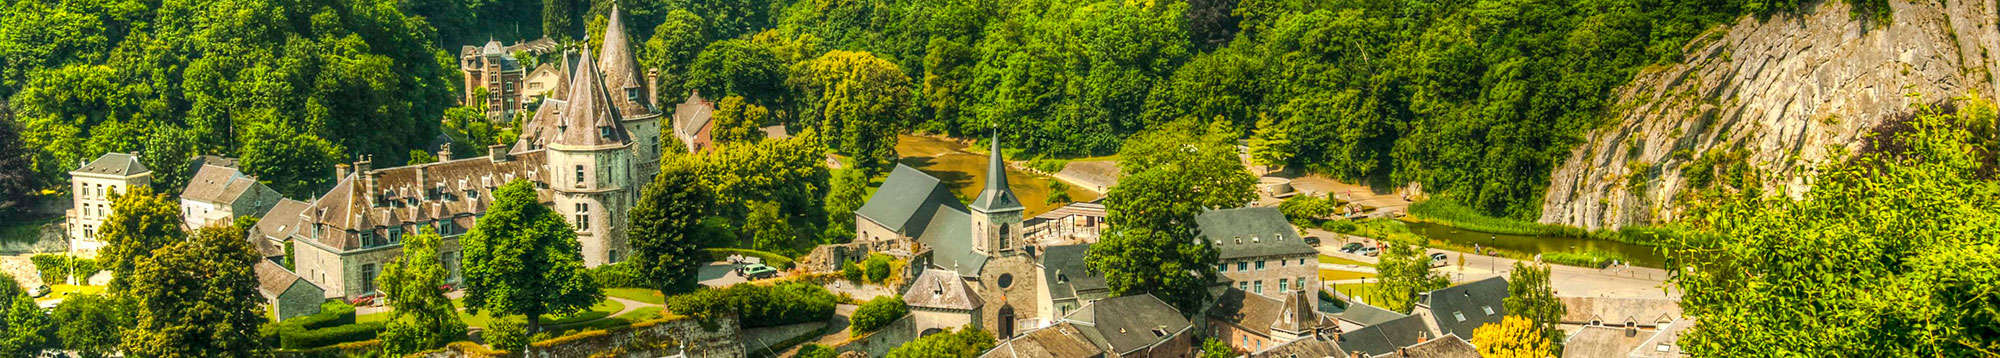 Weekendje weg in de Ardennen